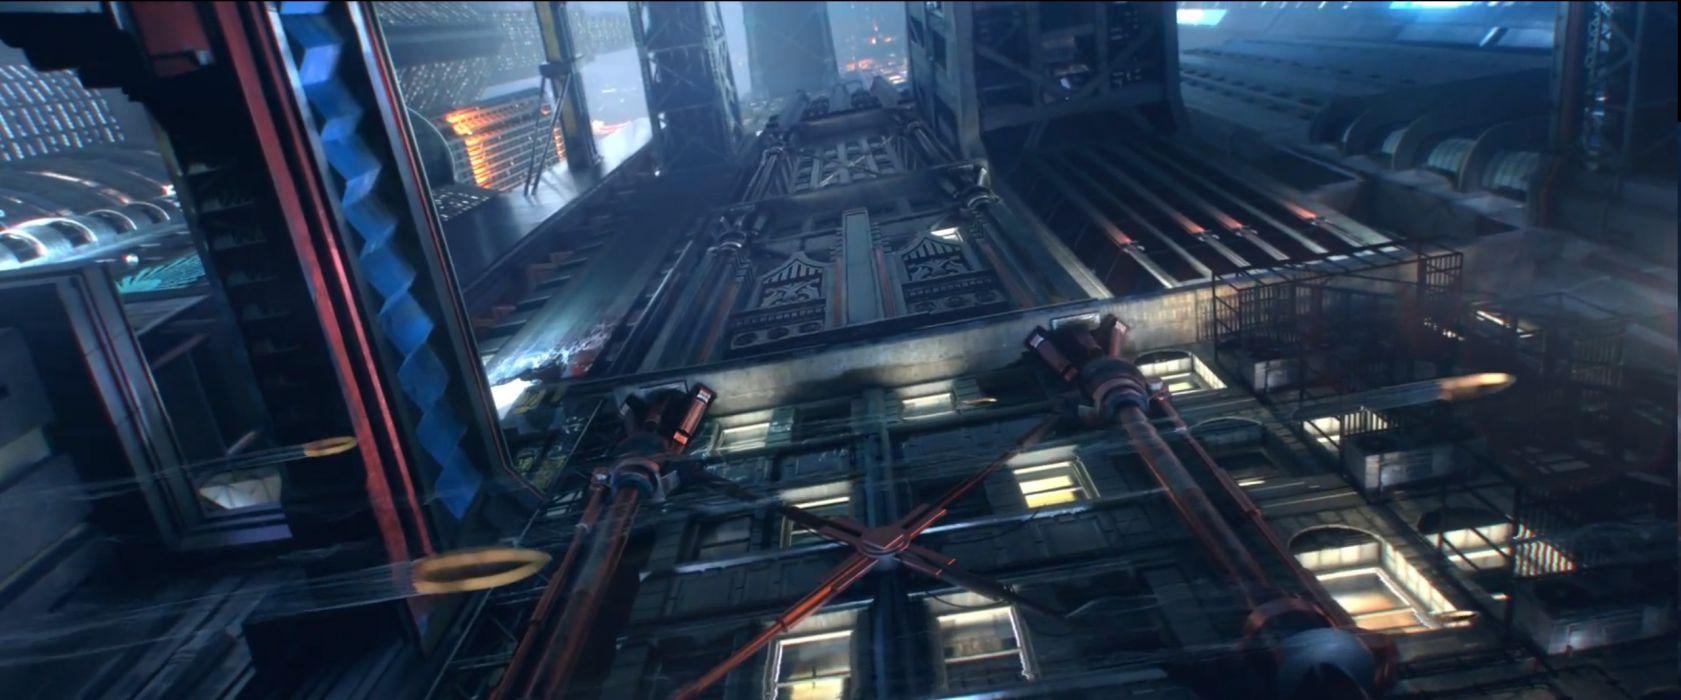 CYBERPUNK sci-fi game city     h wallpaper